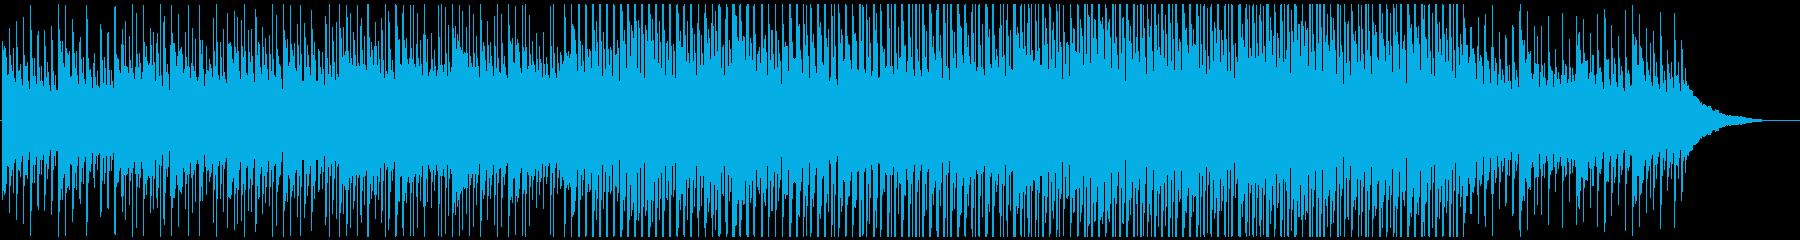 企業VPや映像に ピアノの静かなる高揚感の再生済みの波形